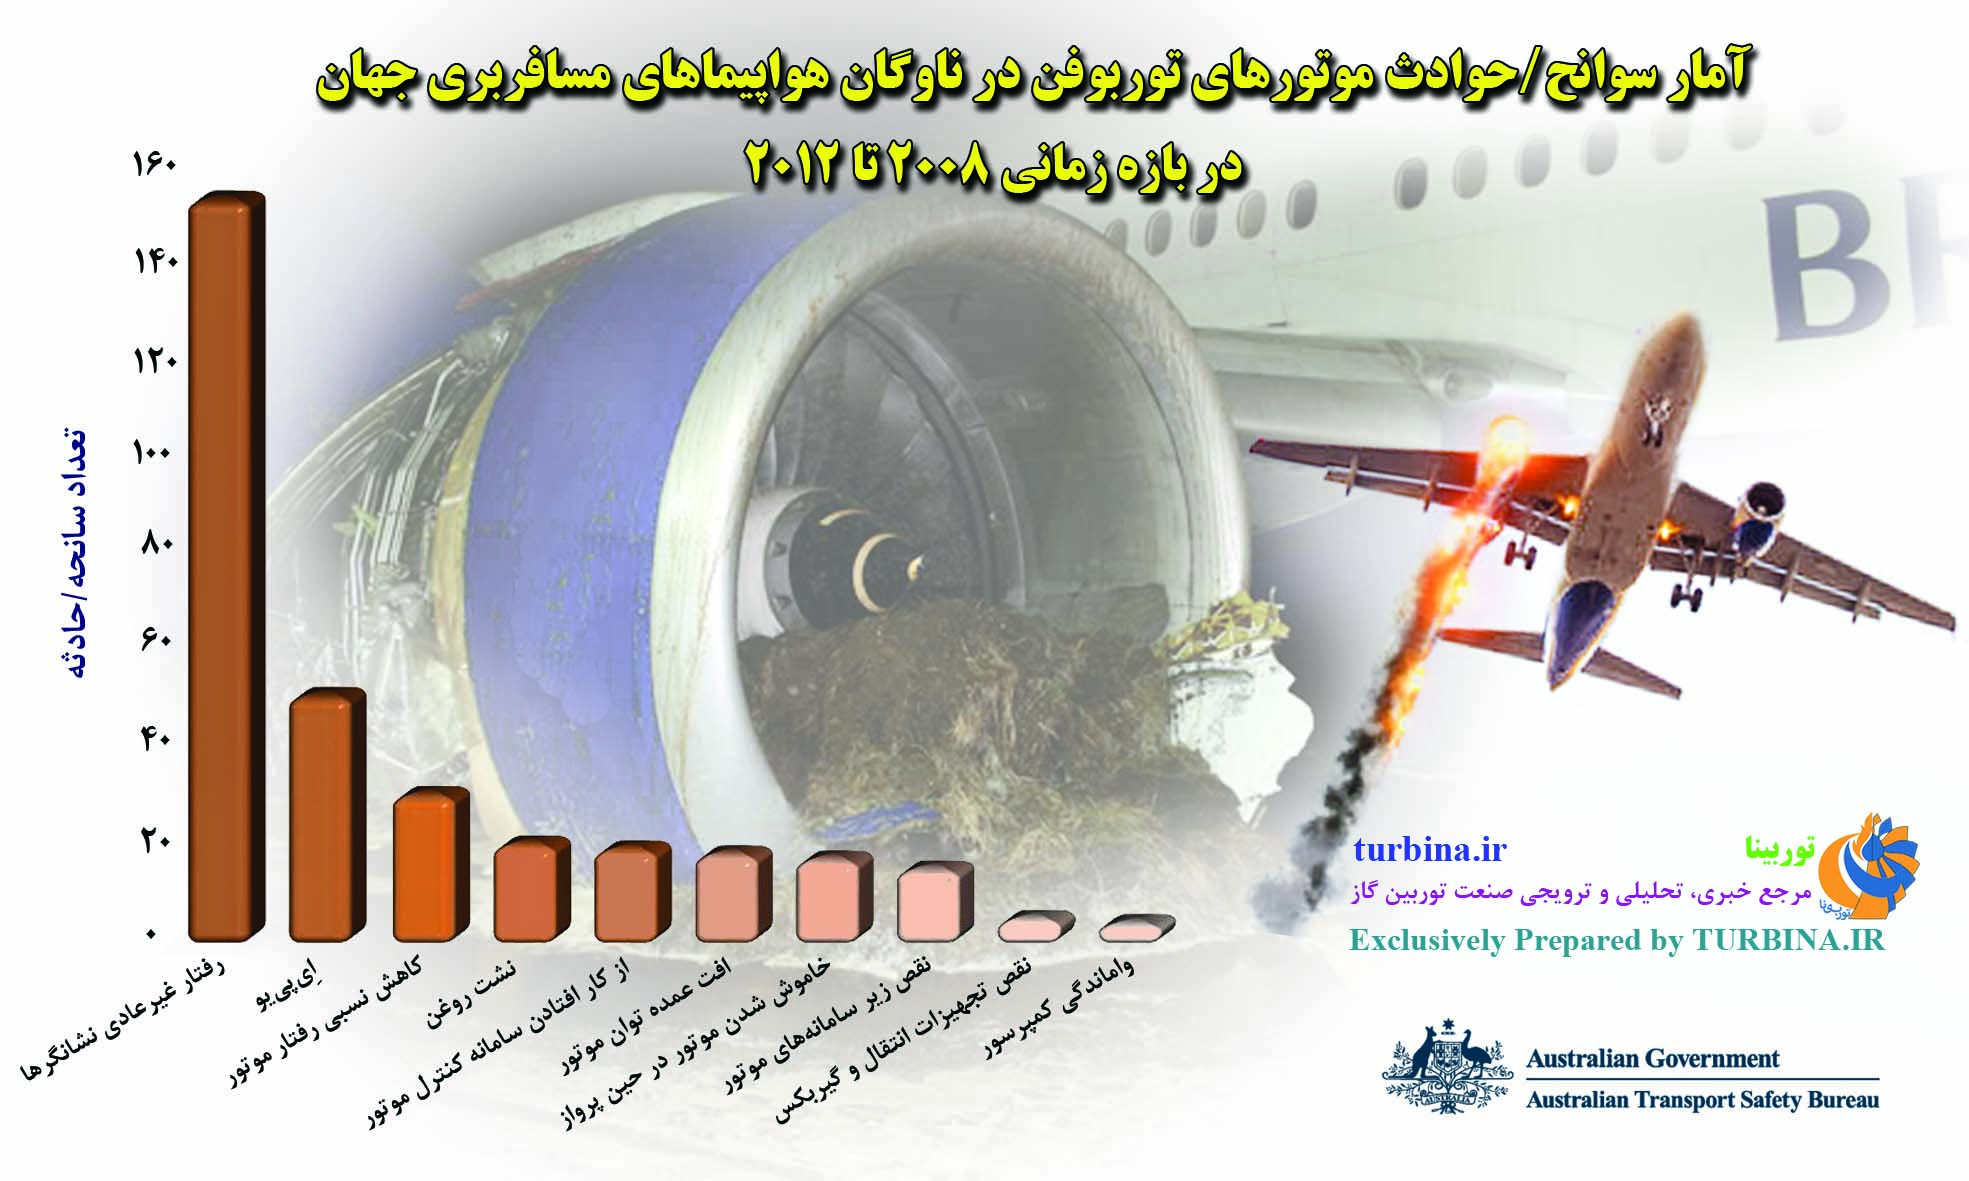 آمار سوانح/حوادث موتورهای توربوفن در ناوگان هواپیماهای مسافربری جهان در بازه زمانی 2008 تا 2012